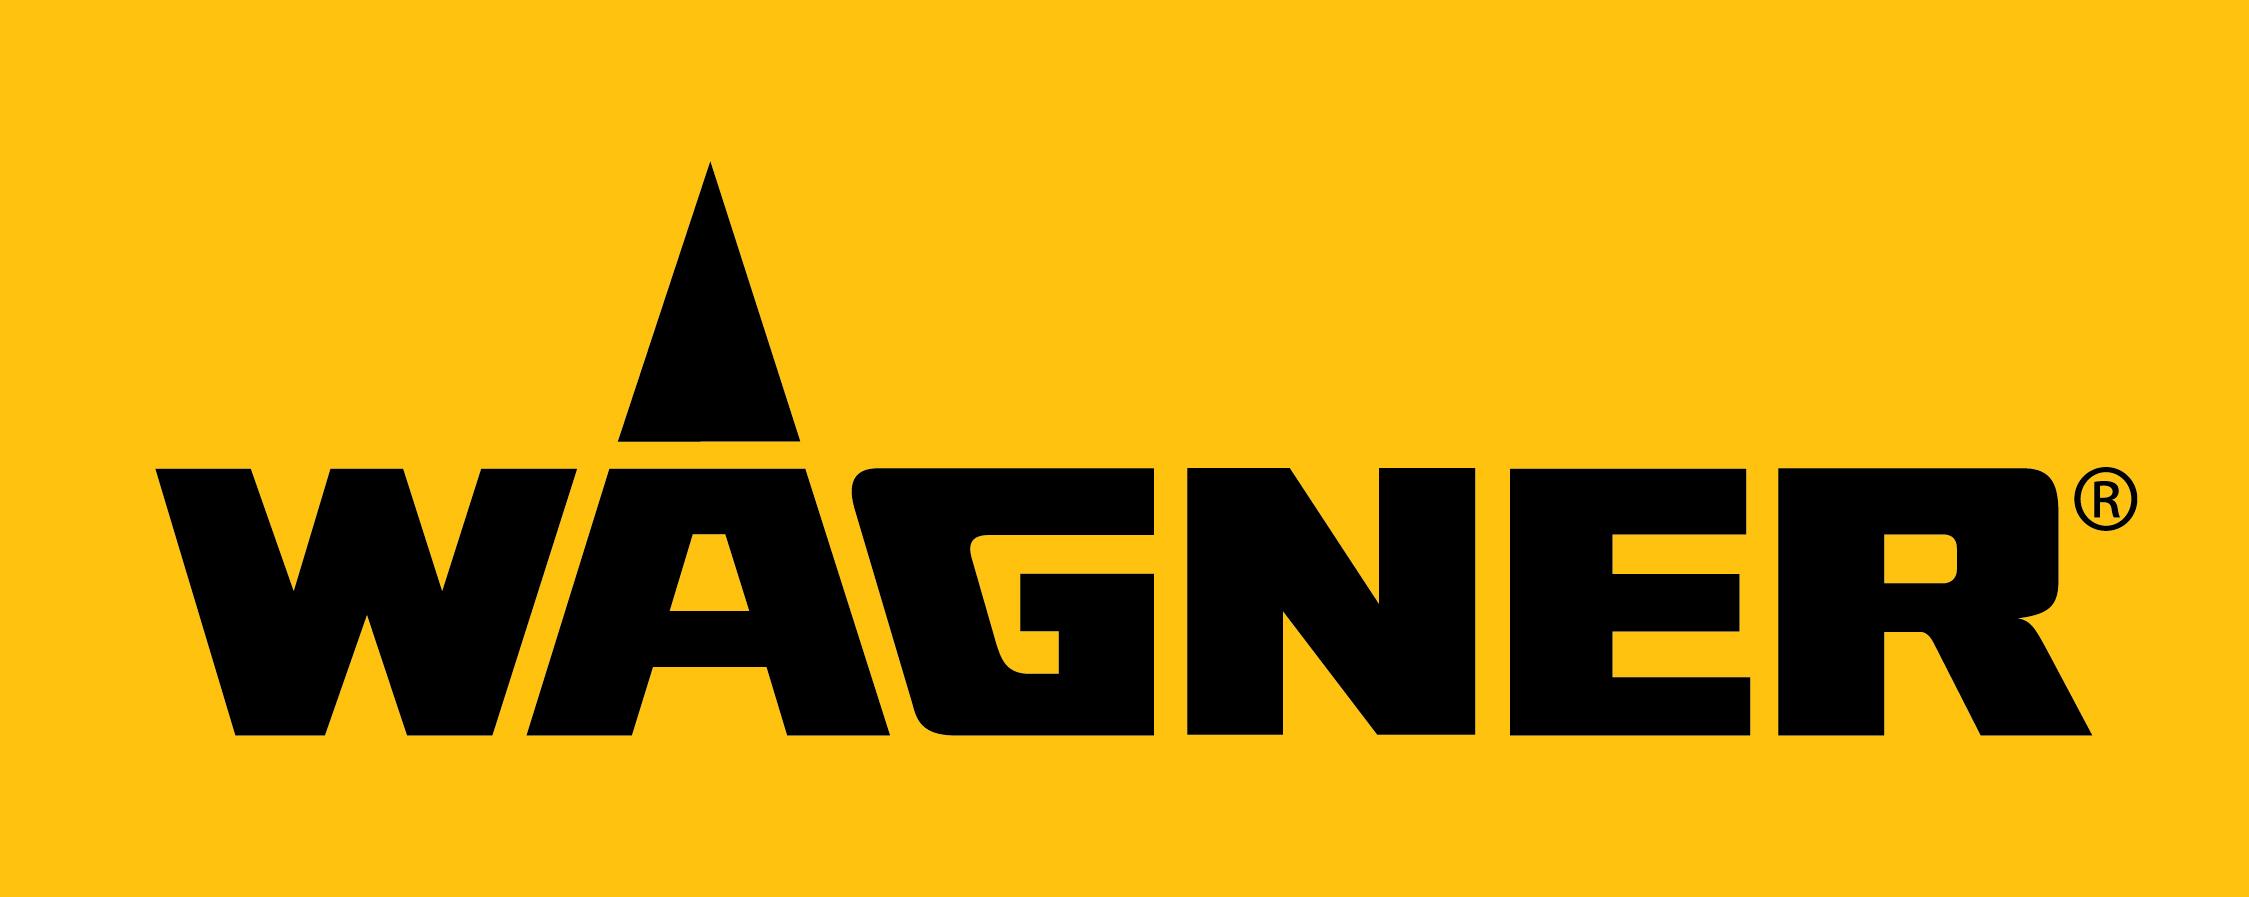 wagner-logo-01.jpg